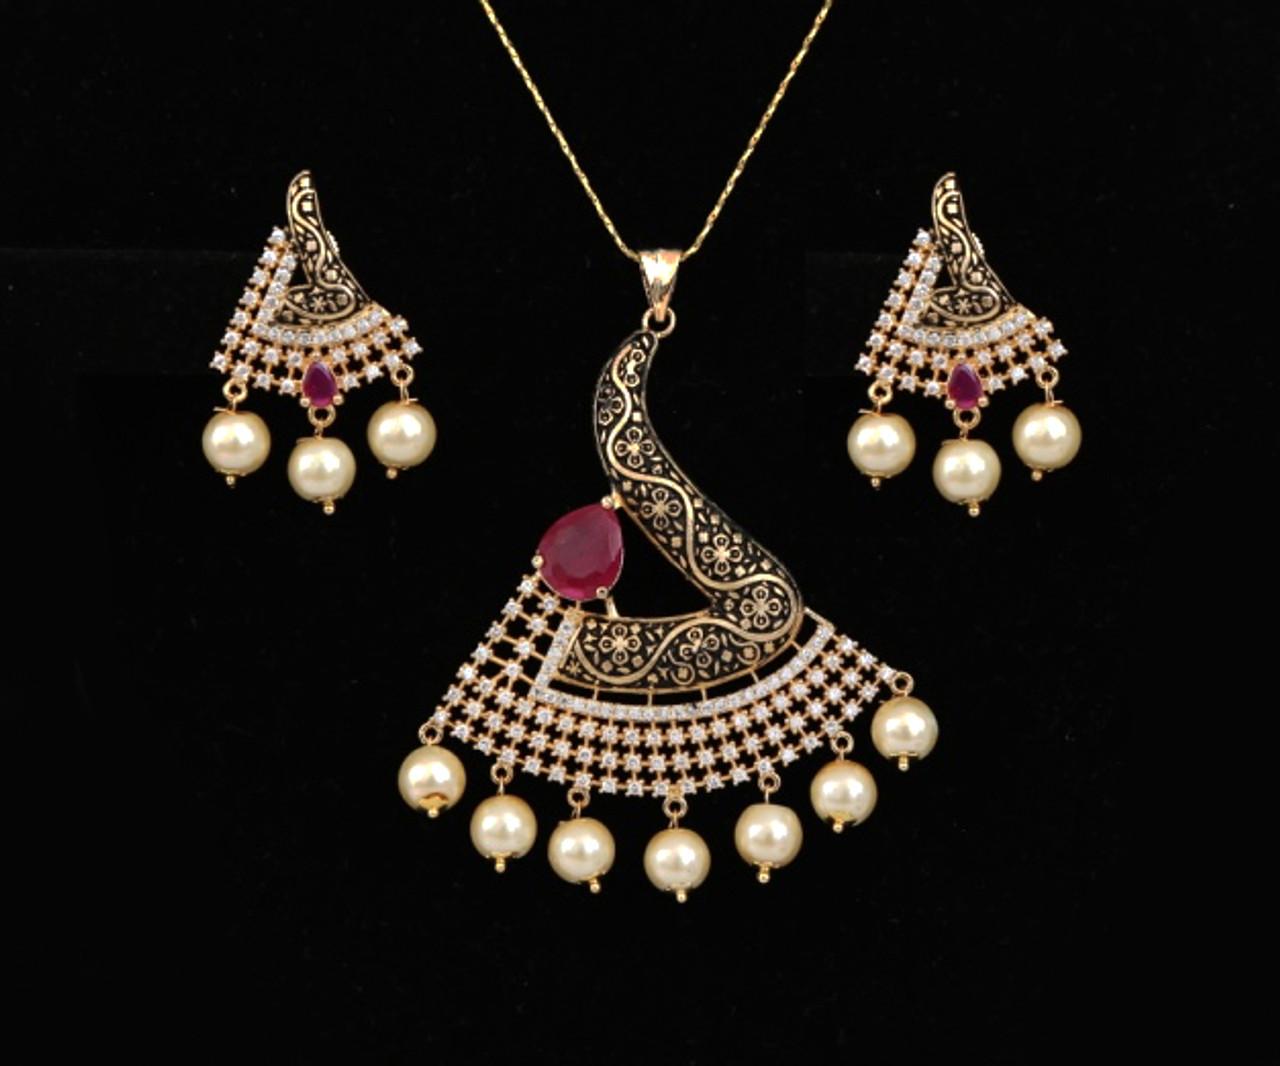 81fad65ebbba2 Pearl pendant india